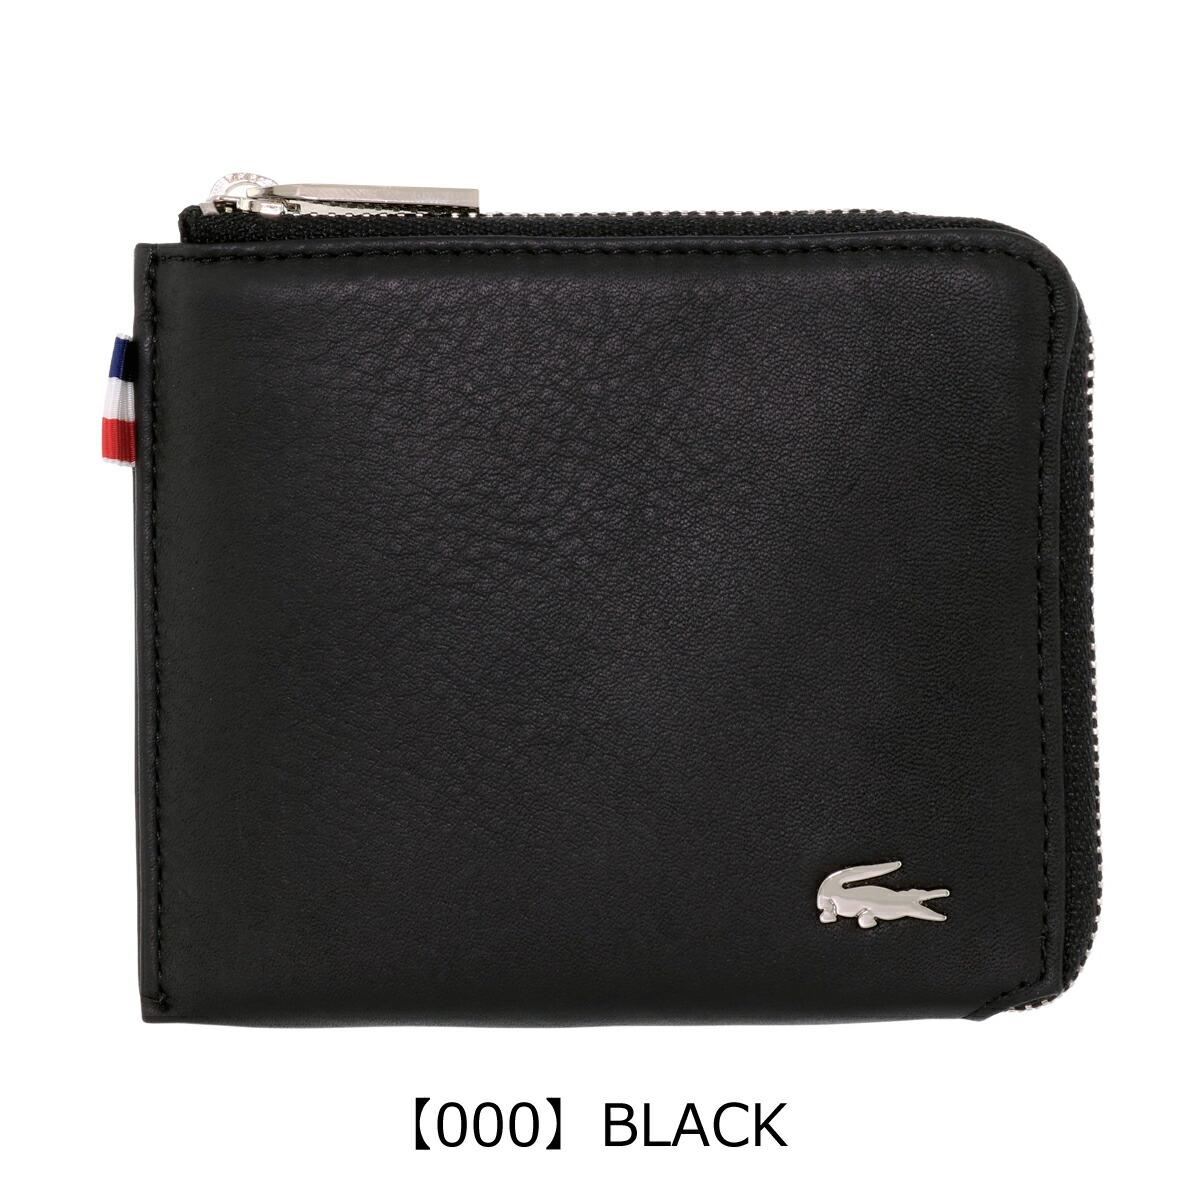 【000】BLACK